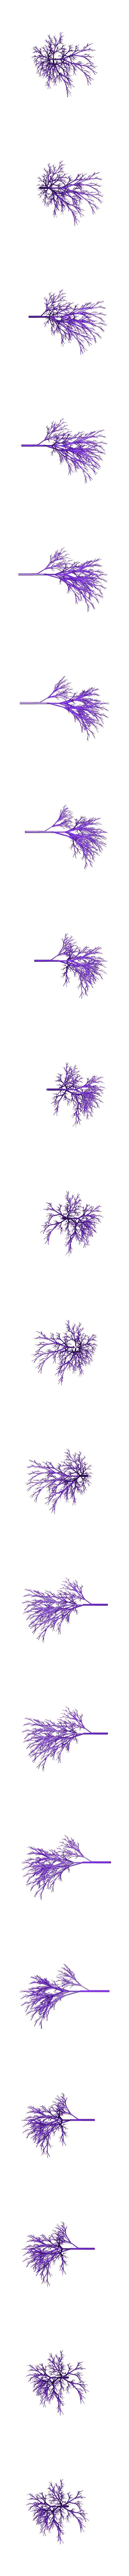 Completely_Random_Tree_2013.stl Télécharger fichier STL gratuit Arbre complètement aléatoire • Objet pour impression 3D, Numbmond